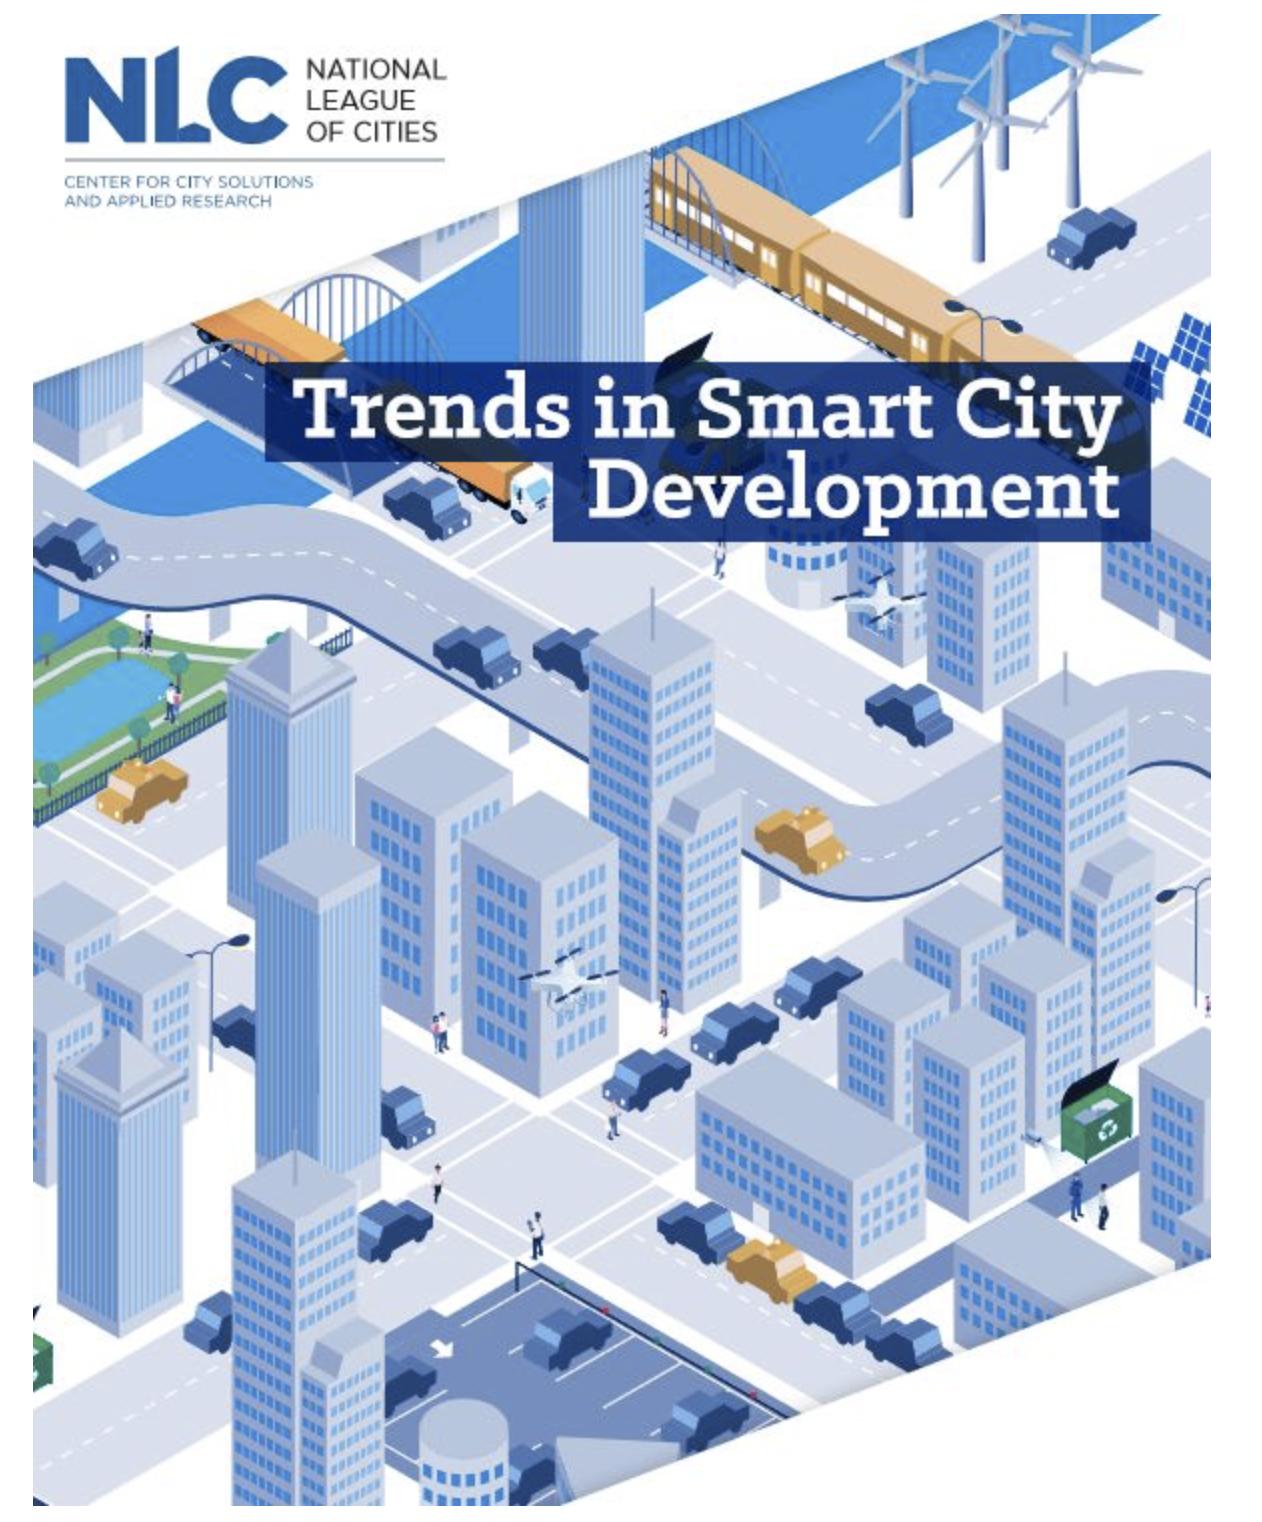 一文读懂智慧城市发展趋势